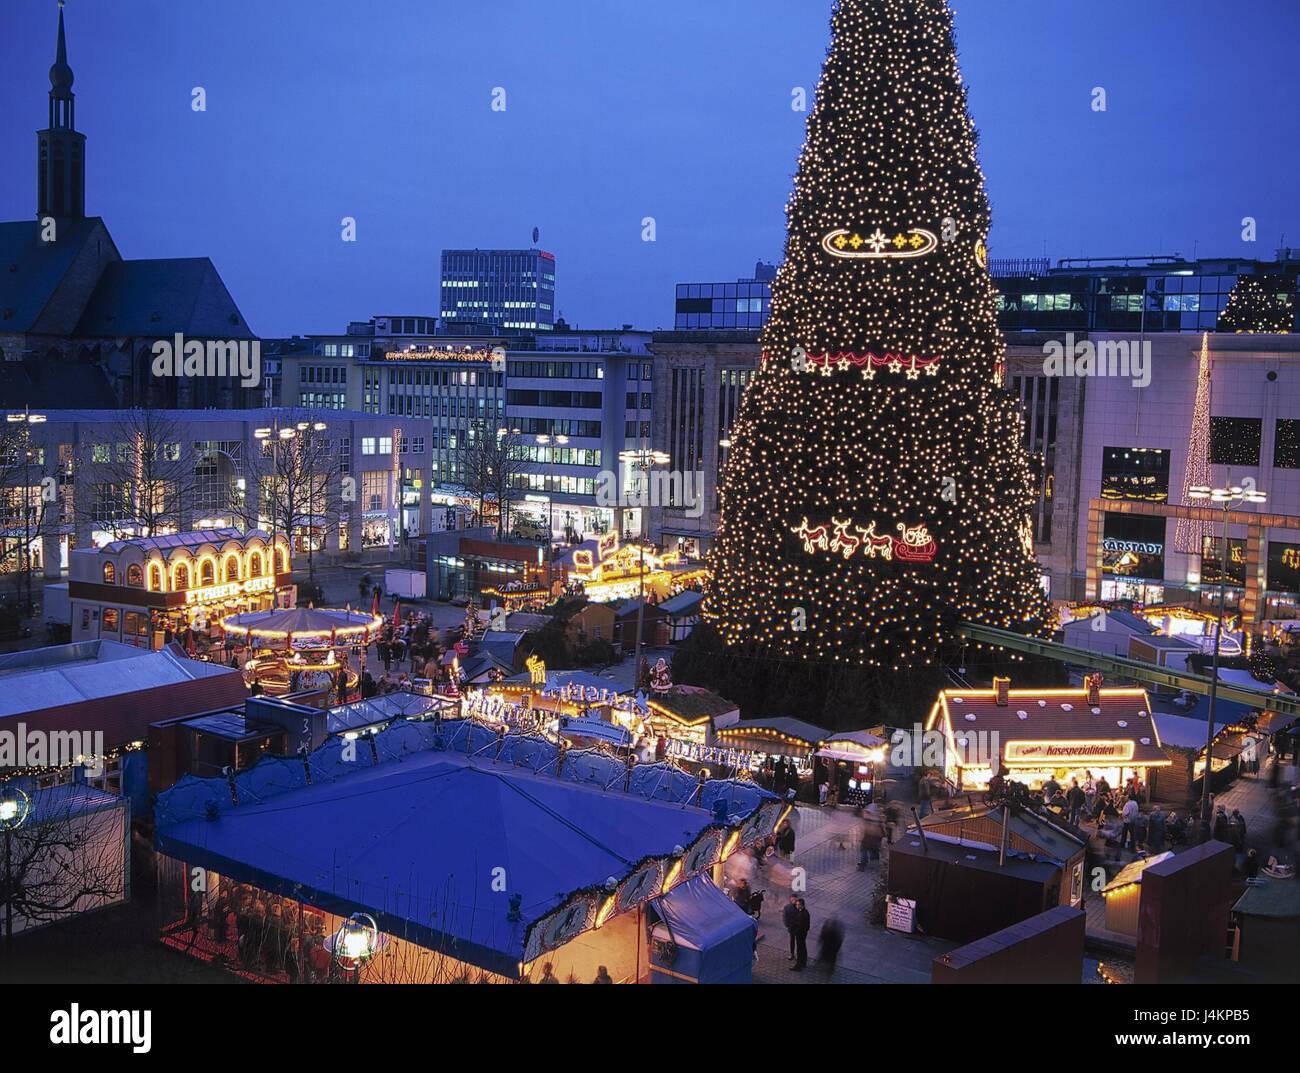 Dortmunder Weihnachtsmarkt Stände.Deutschland Nordrhein Westfalen Dortmund Weihnachtsmarkt